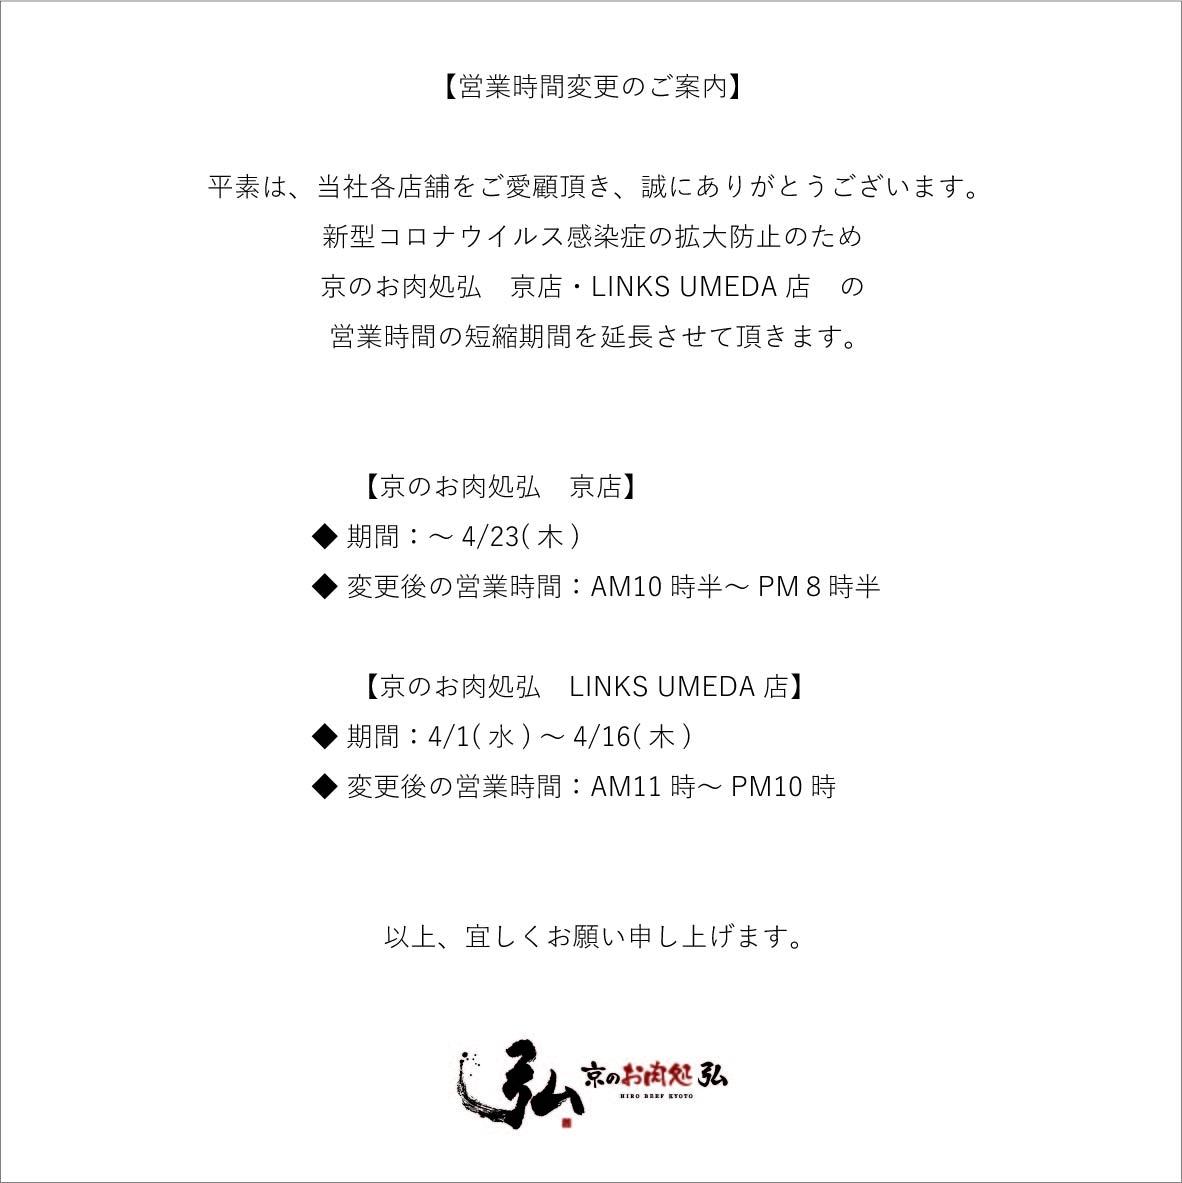 弘亰店、LINKS店、営業時間のご案内